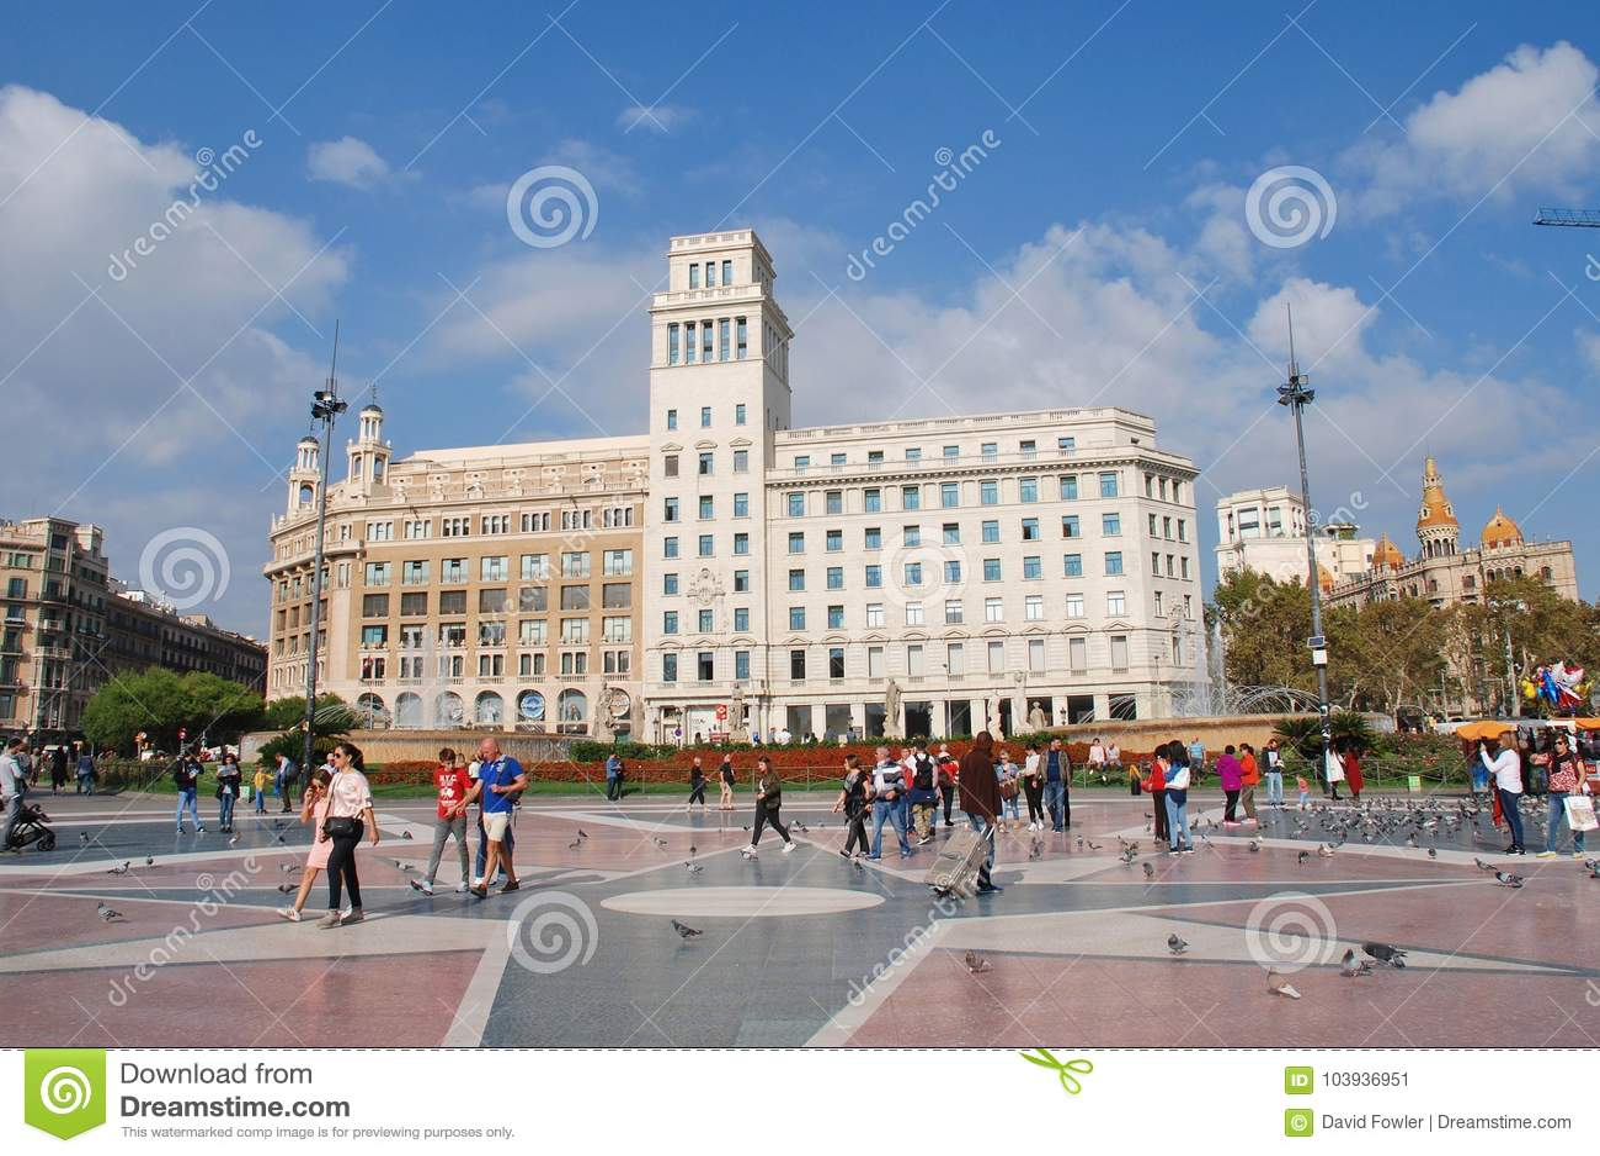 La gente camina en el Placa histórico de Catalunya en Barcelona 5a14b529ece